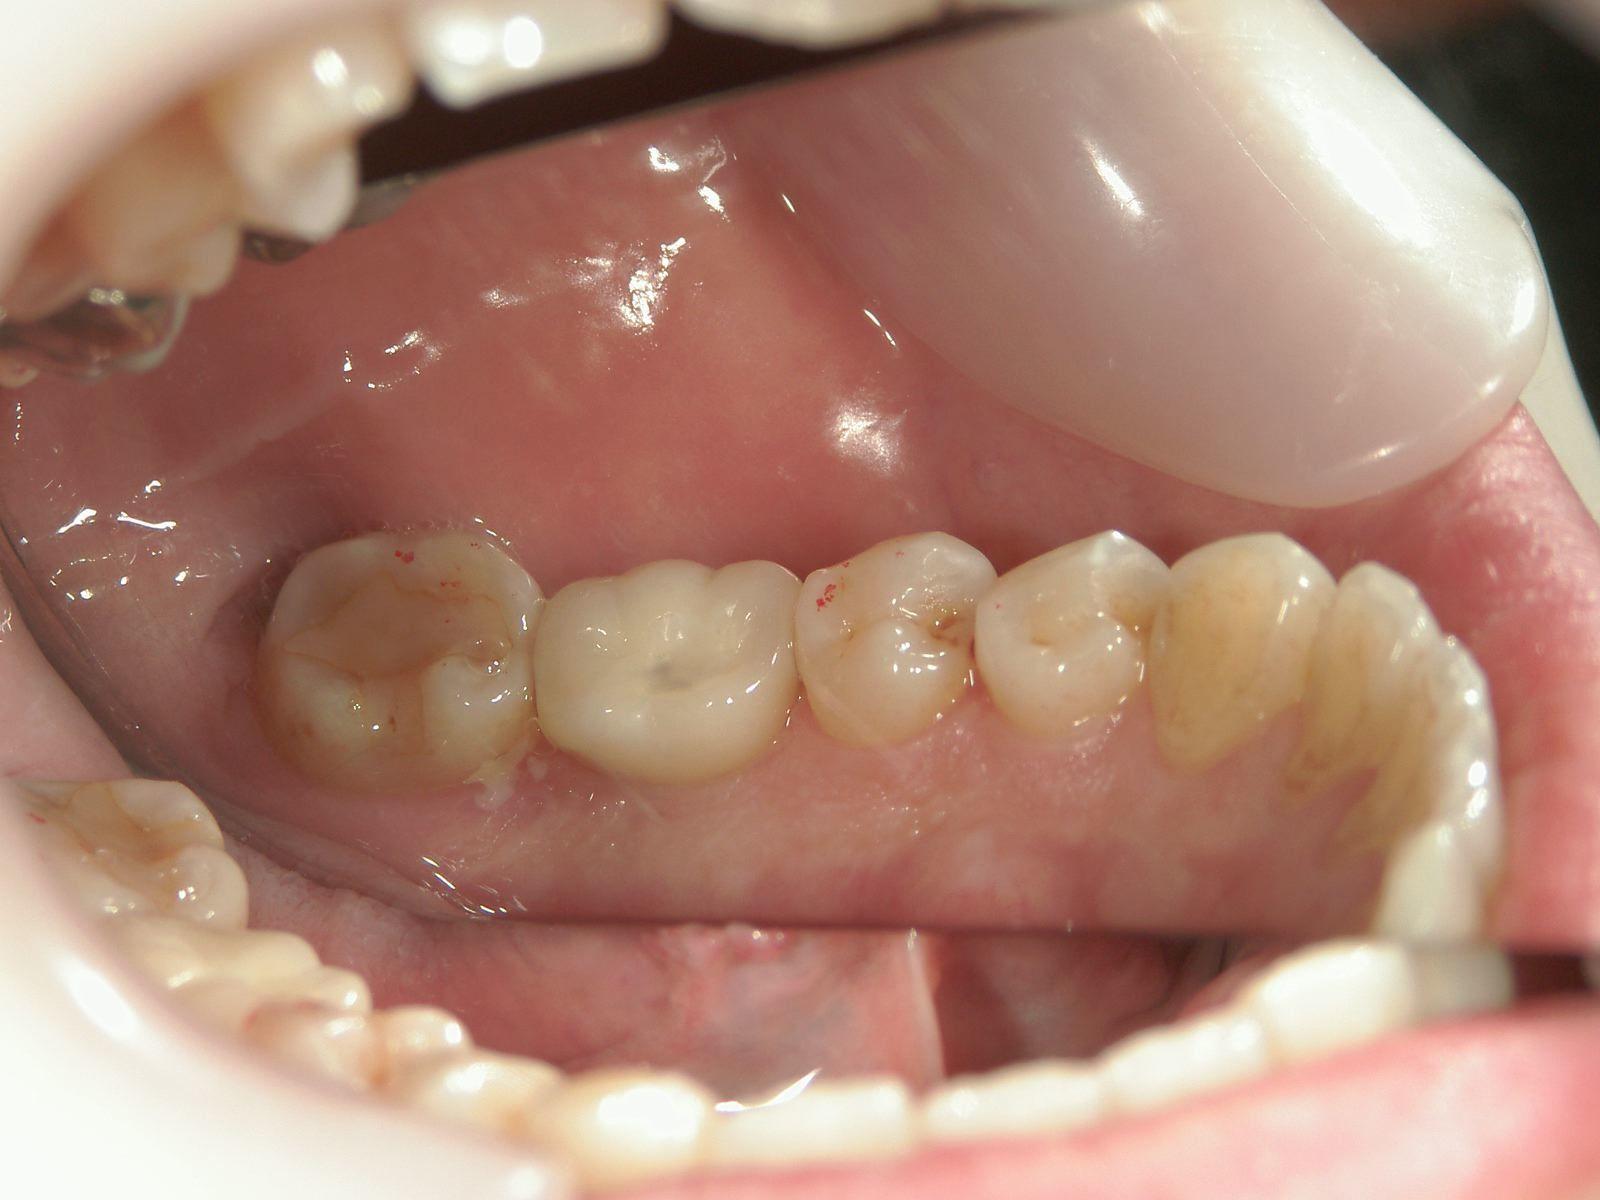 インプラント再考・9 両方の歯を削らない!1本からのインプラント・・・_b0119466_23135209.jpg